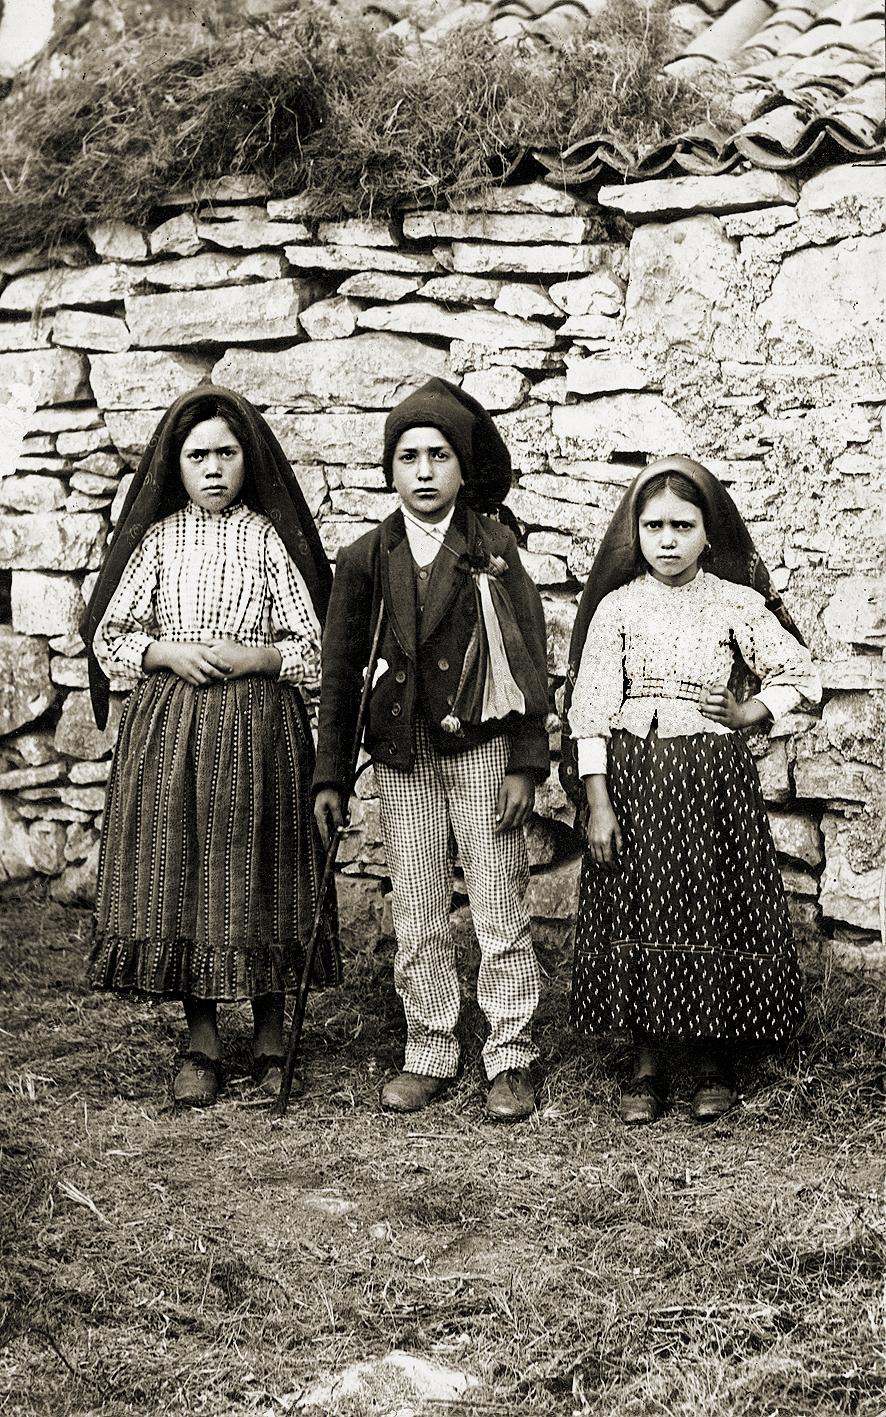 Les trois enfants qui avaient vu la vierge à Fatima.